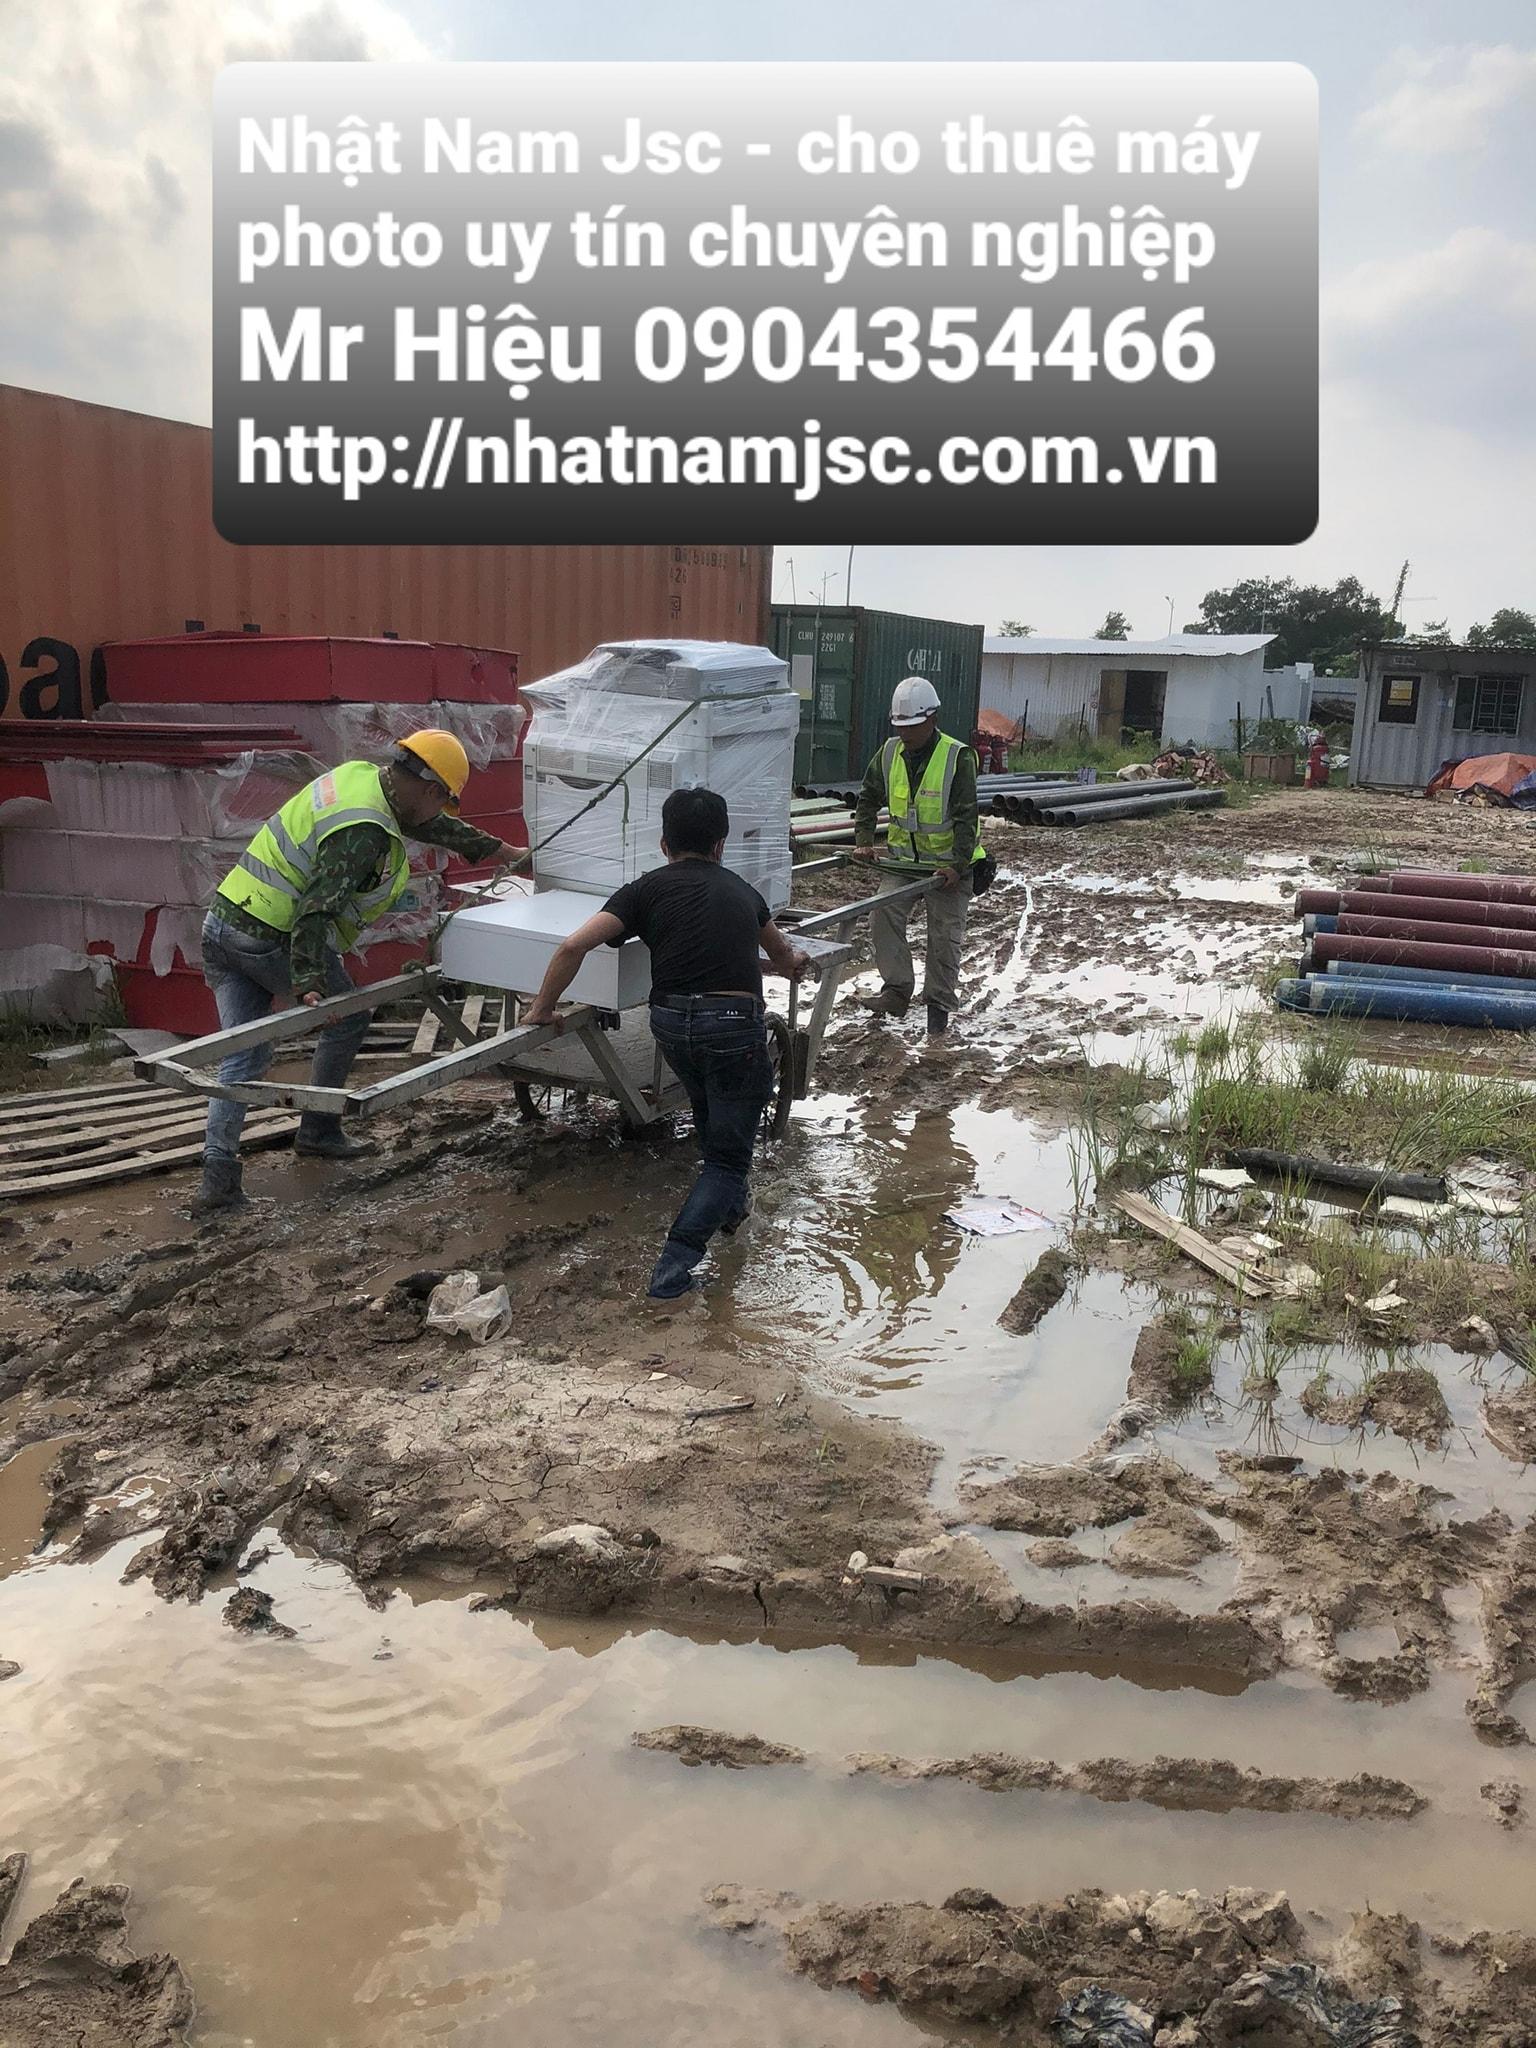 Công trình xây dựng được sự hỗ trợ vận chuyển - Nhật Nam JSC